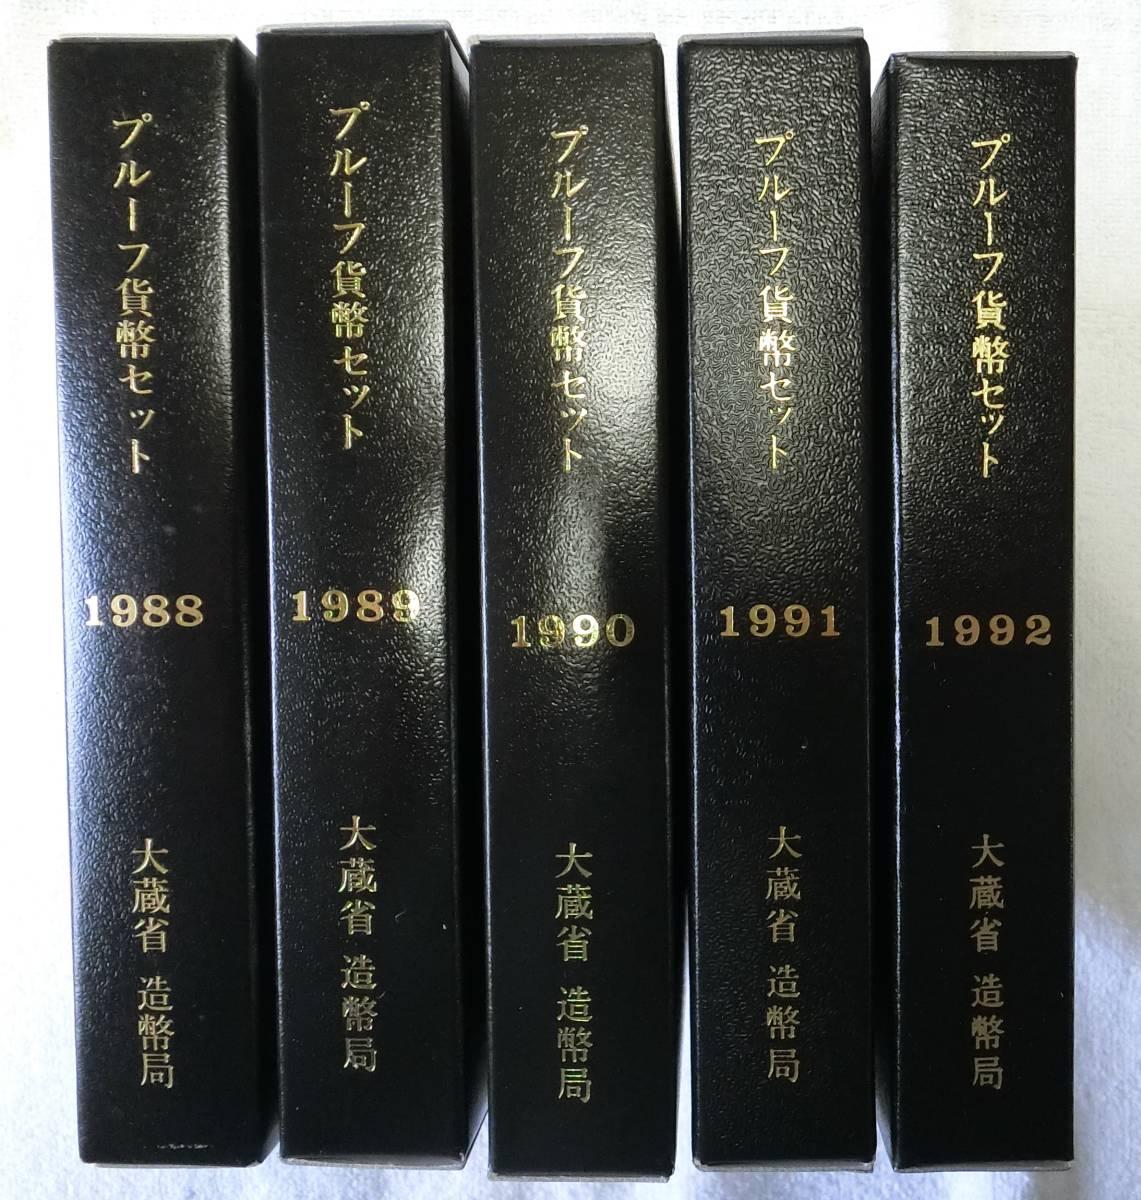 昭和63年(1988年)・平成元年(1989年)~平成4年(1992年) プルーフセット 5セット